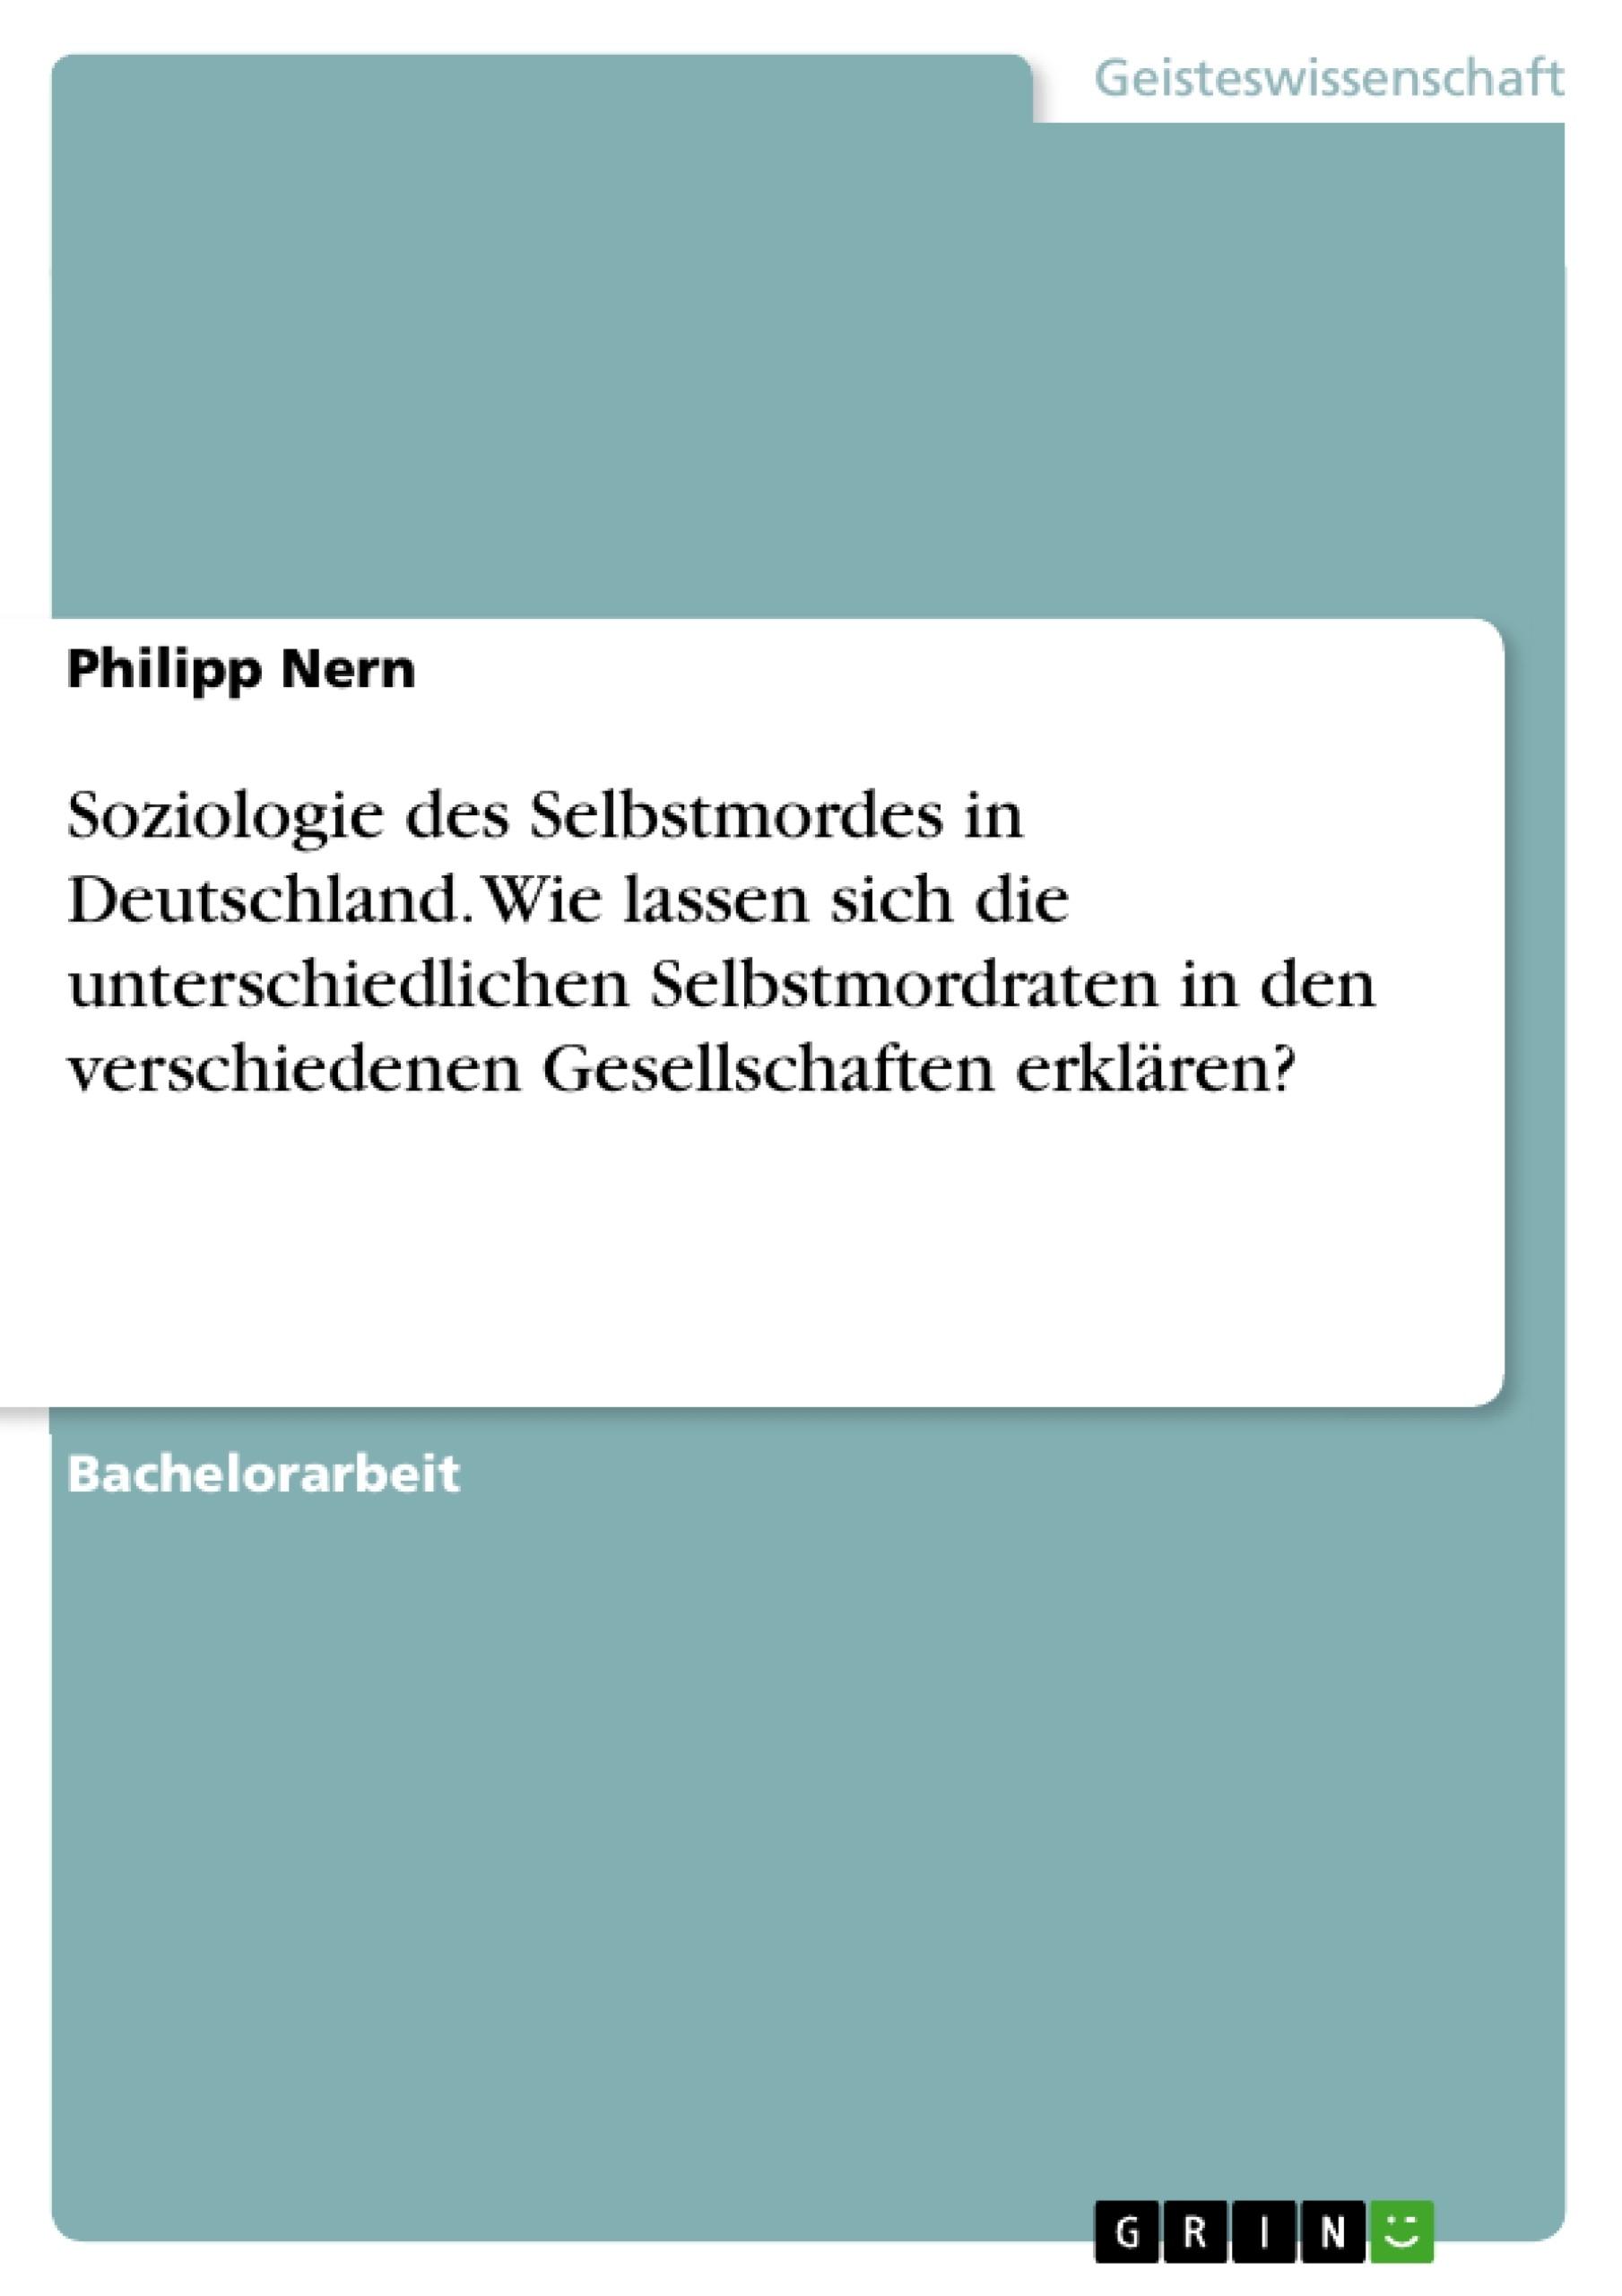 Titel: Soziologie des Selbstmordes in Deutschland. Wie lassen sich die unterschiedlichen Selbstmordraten in den verschiedenen Gesellschaften erklären?